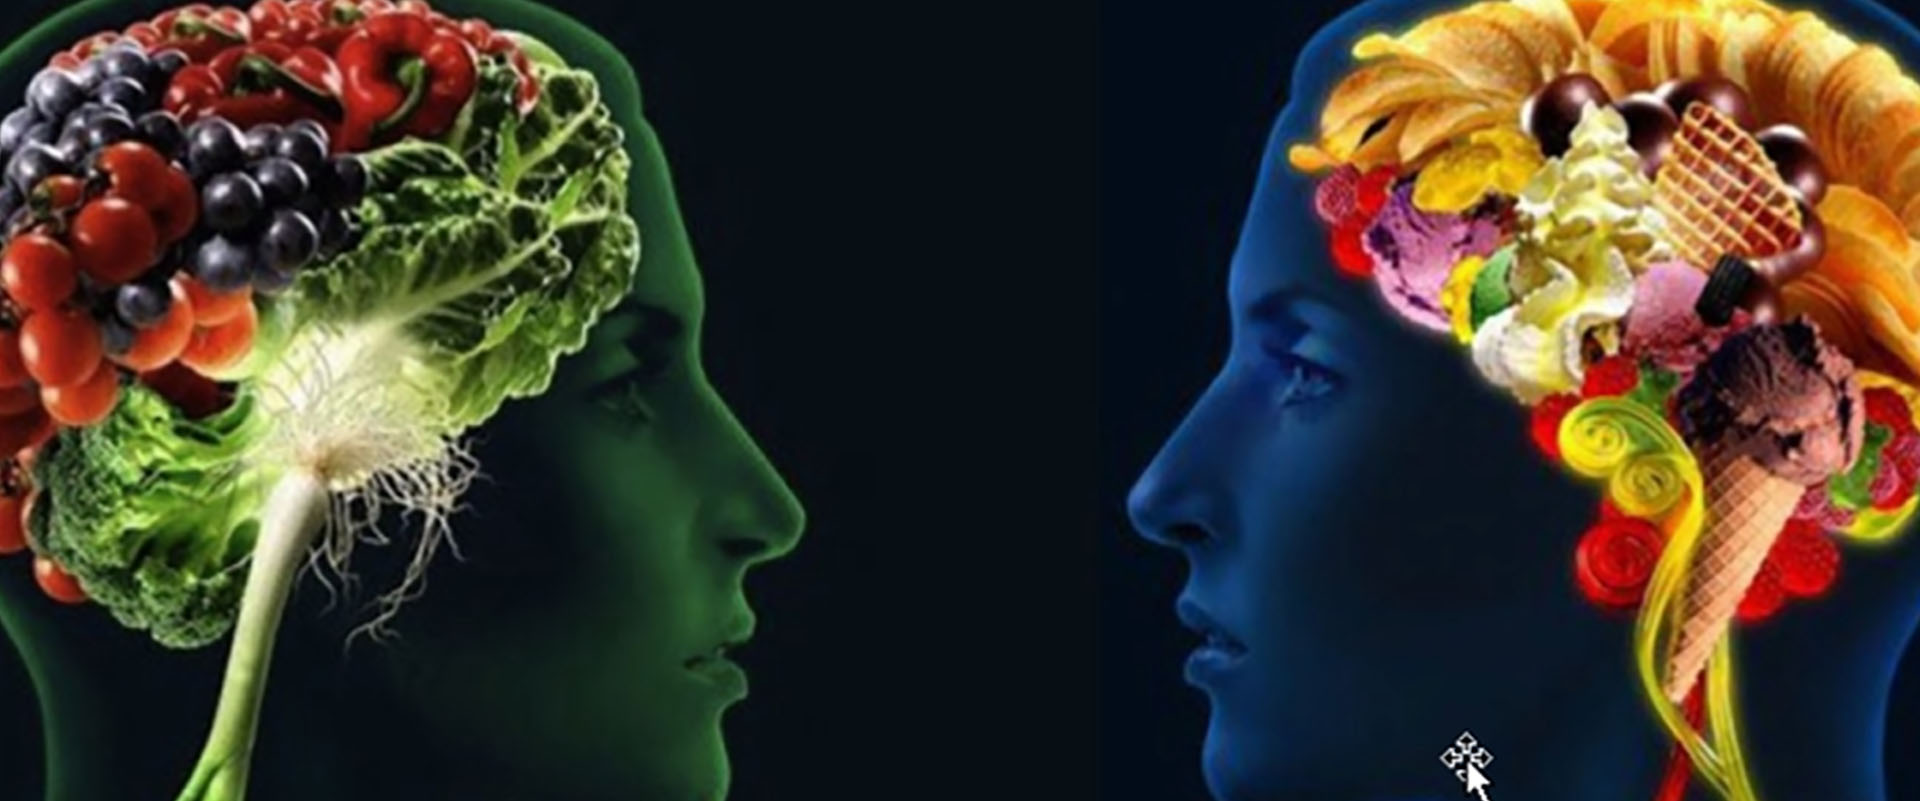 """Seminario """"Cibo e Mente: come e perché alimentazione e mente sono strettamente legati"""" – 27 Febbraio 2019"""